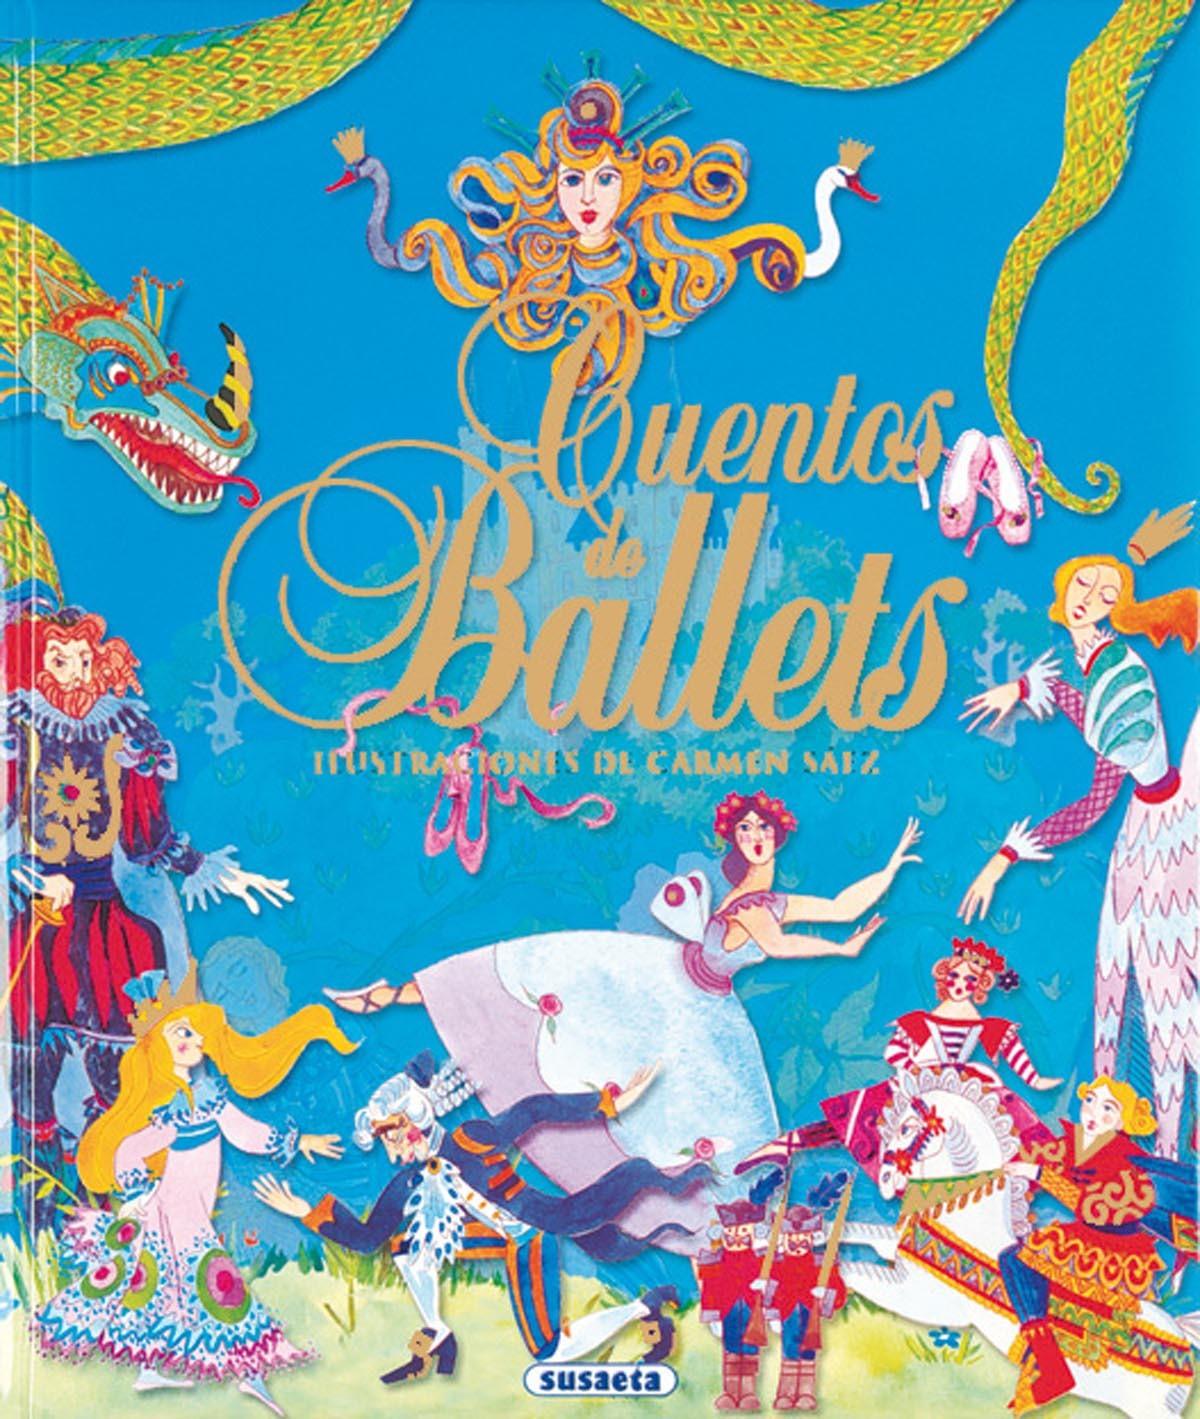 CUENTOS DE BALLET